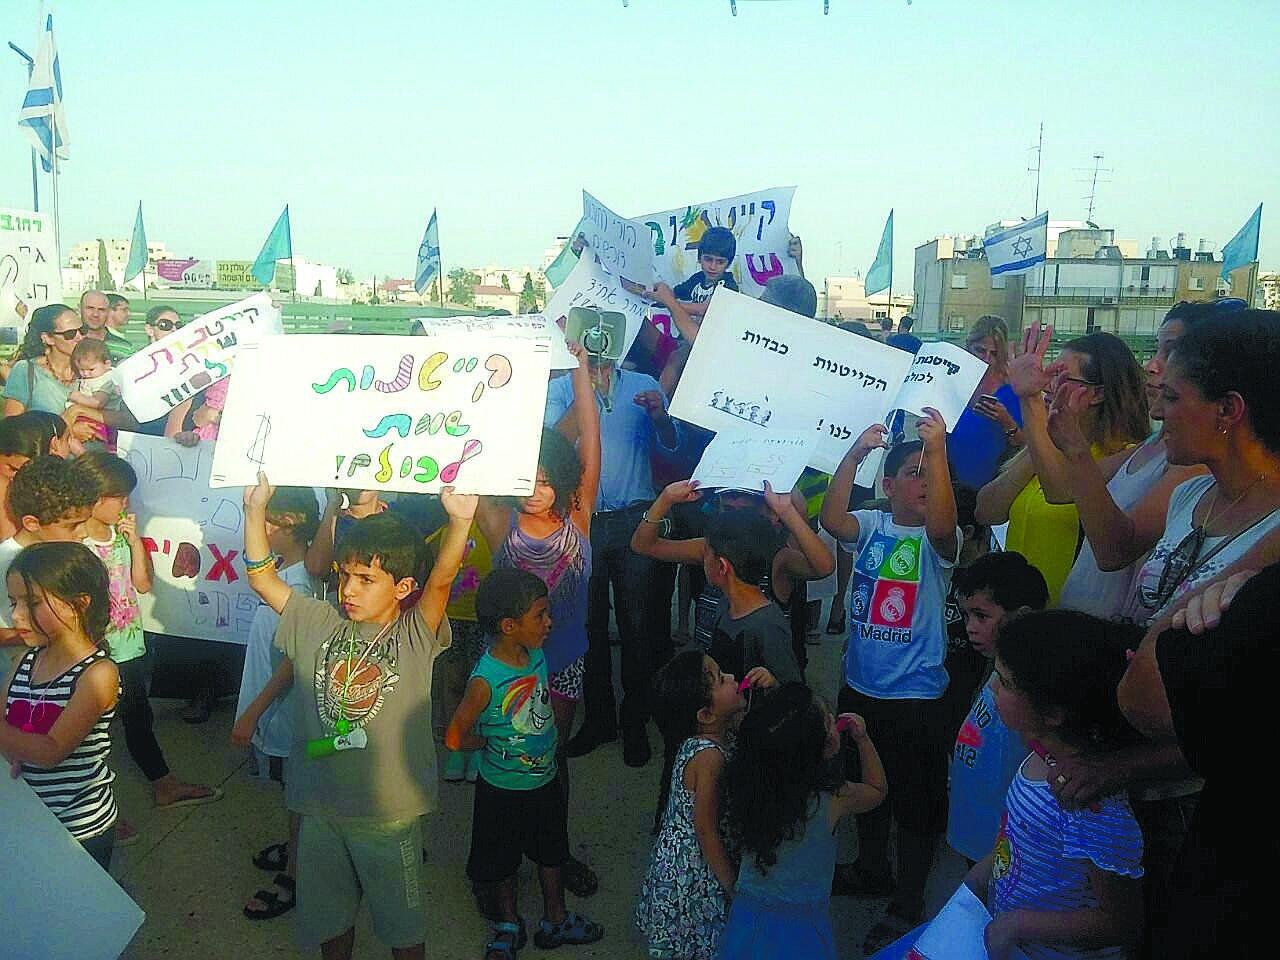 הפגנה נגד מחירי הקייטנות ברחובות (צילום: ארז שרווינטר)